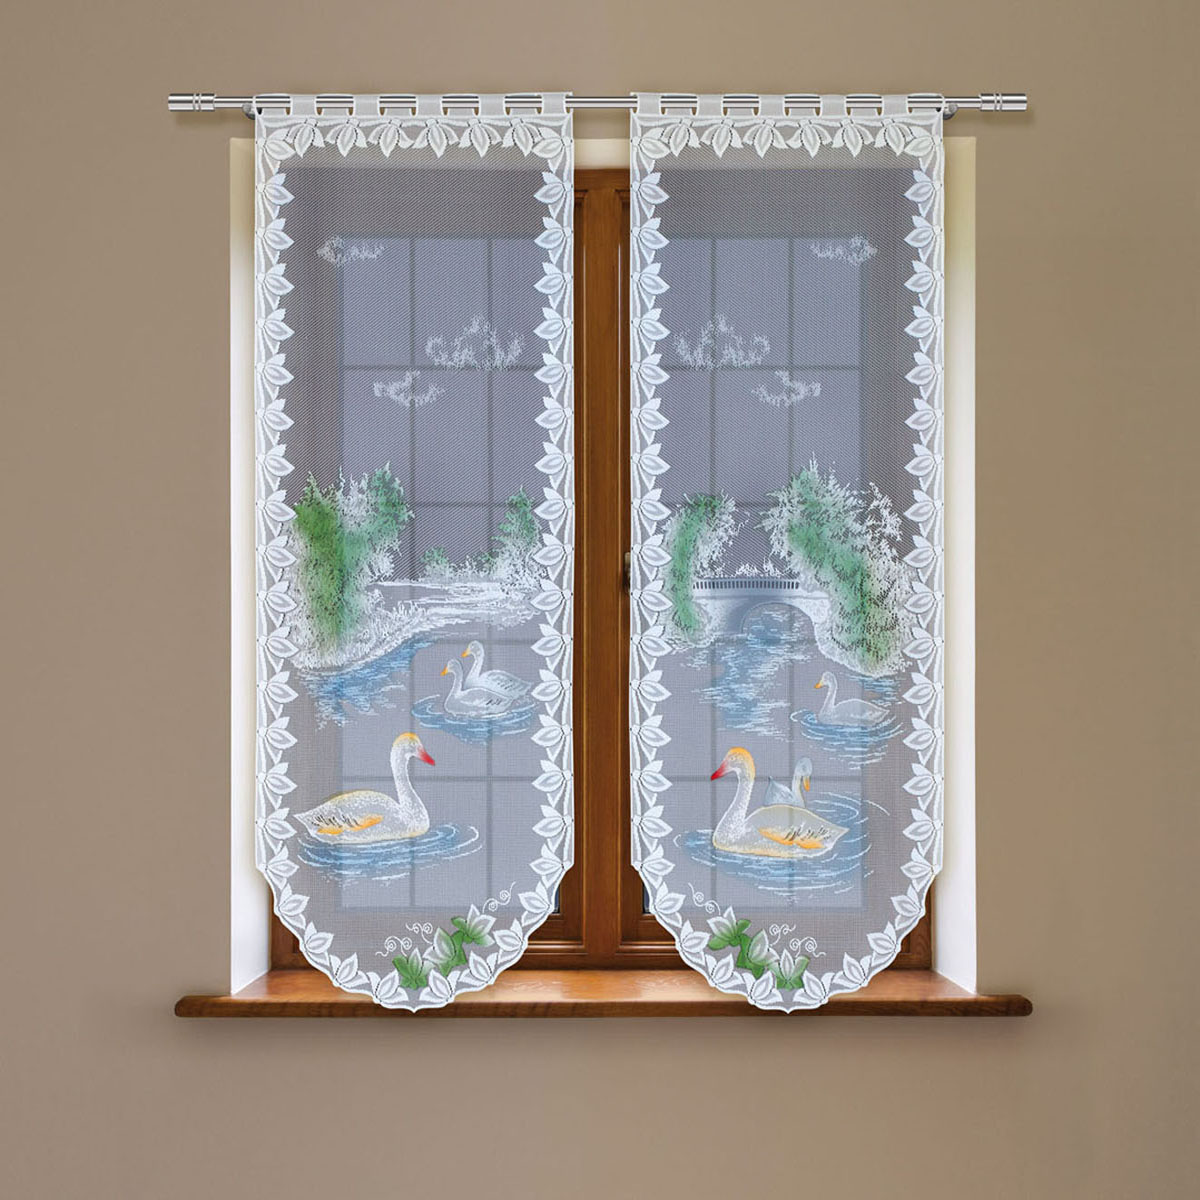 Гардина Haft, цвет: белый, высота 220 см. 4243Е/604243Е/60Гардина имеет в верхней части полотна прорези, через которые гардина-витраж вывешивается на карниз или можно крепить на зажим для штор,котрый в комплект не входит.Комплект состоит из двух полотен (выс.220* шир.60) Размеры: (высота 220* ширина 60)*2